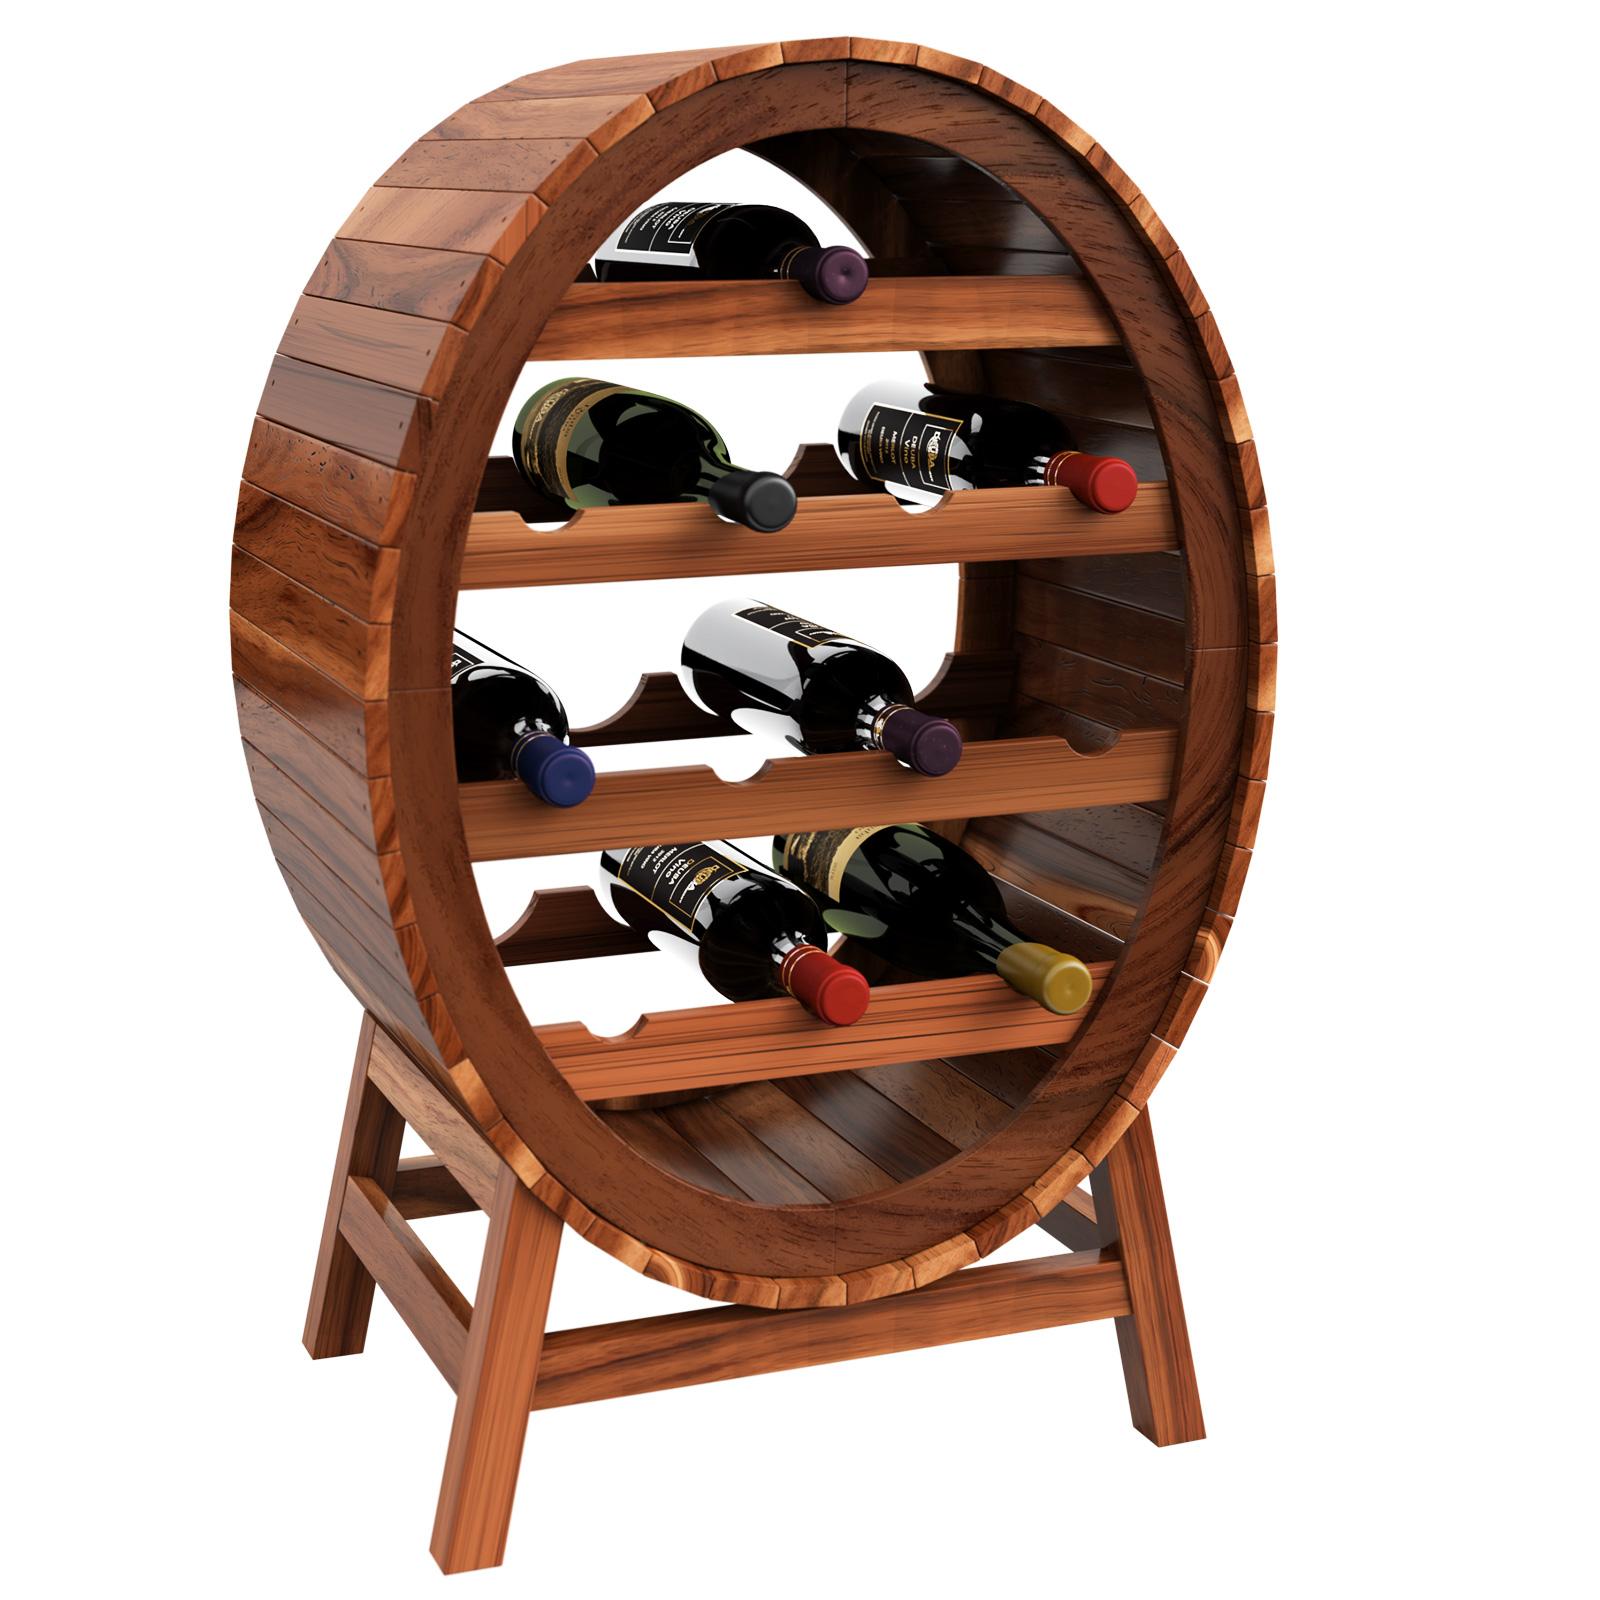 casier tag re vin en bois d 39 acacia porte bouteilles look baril tonneau ebay. Black Bedroom Furniture Sets. Home Design Ideas